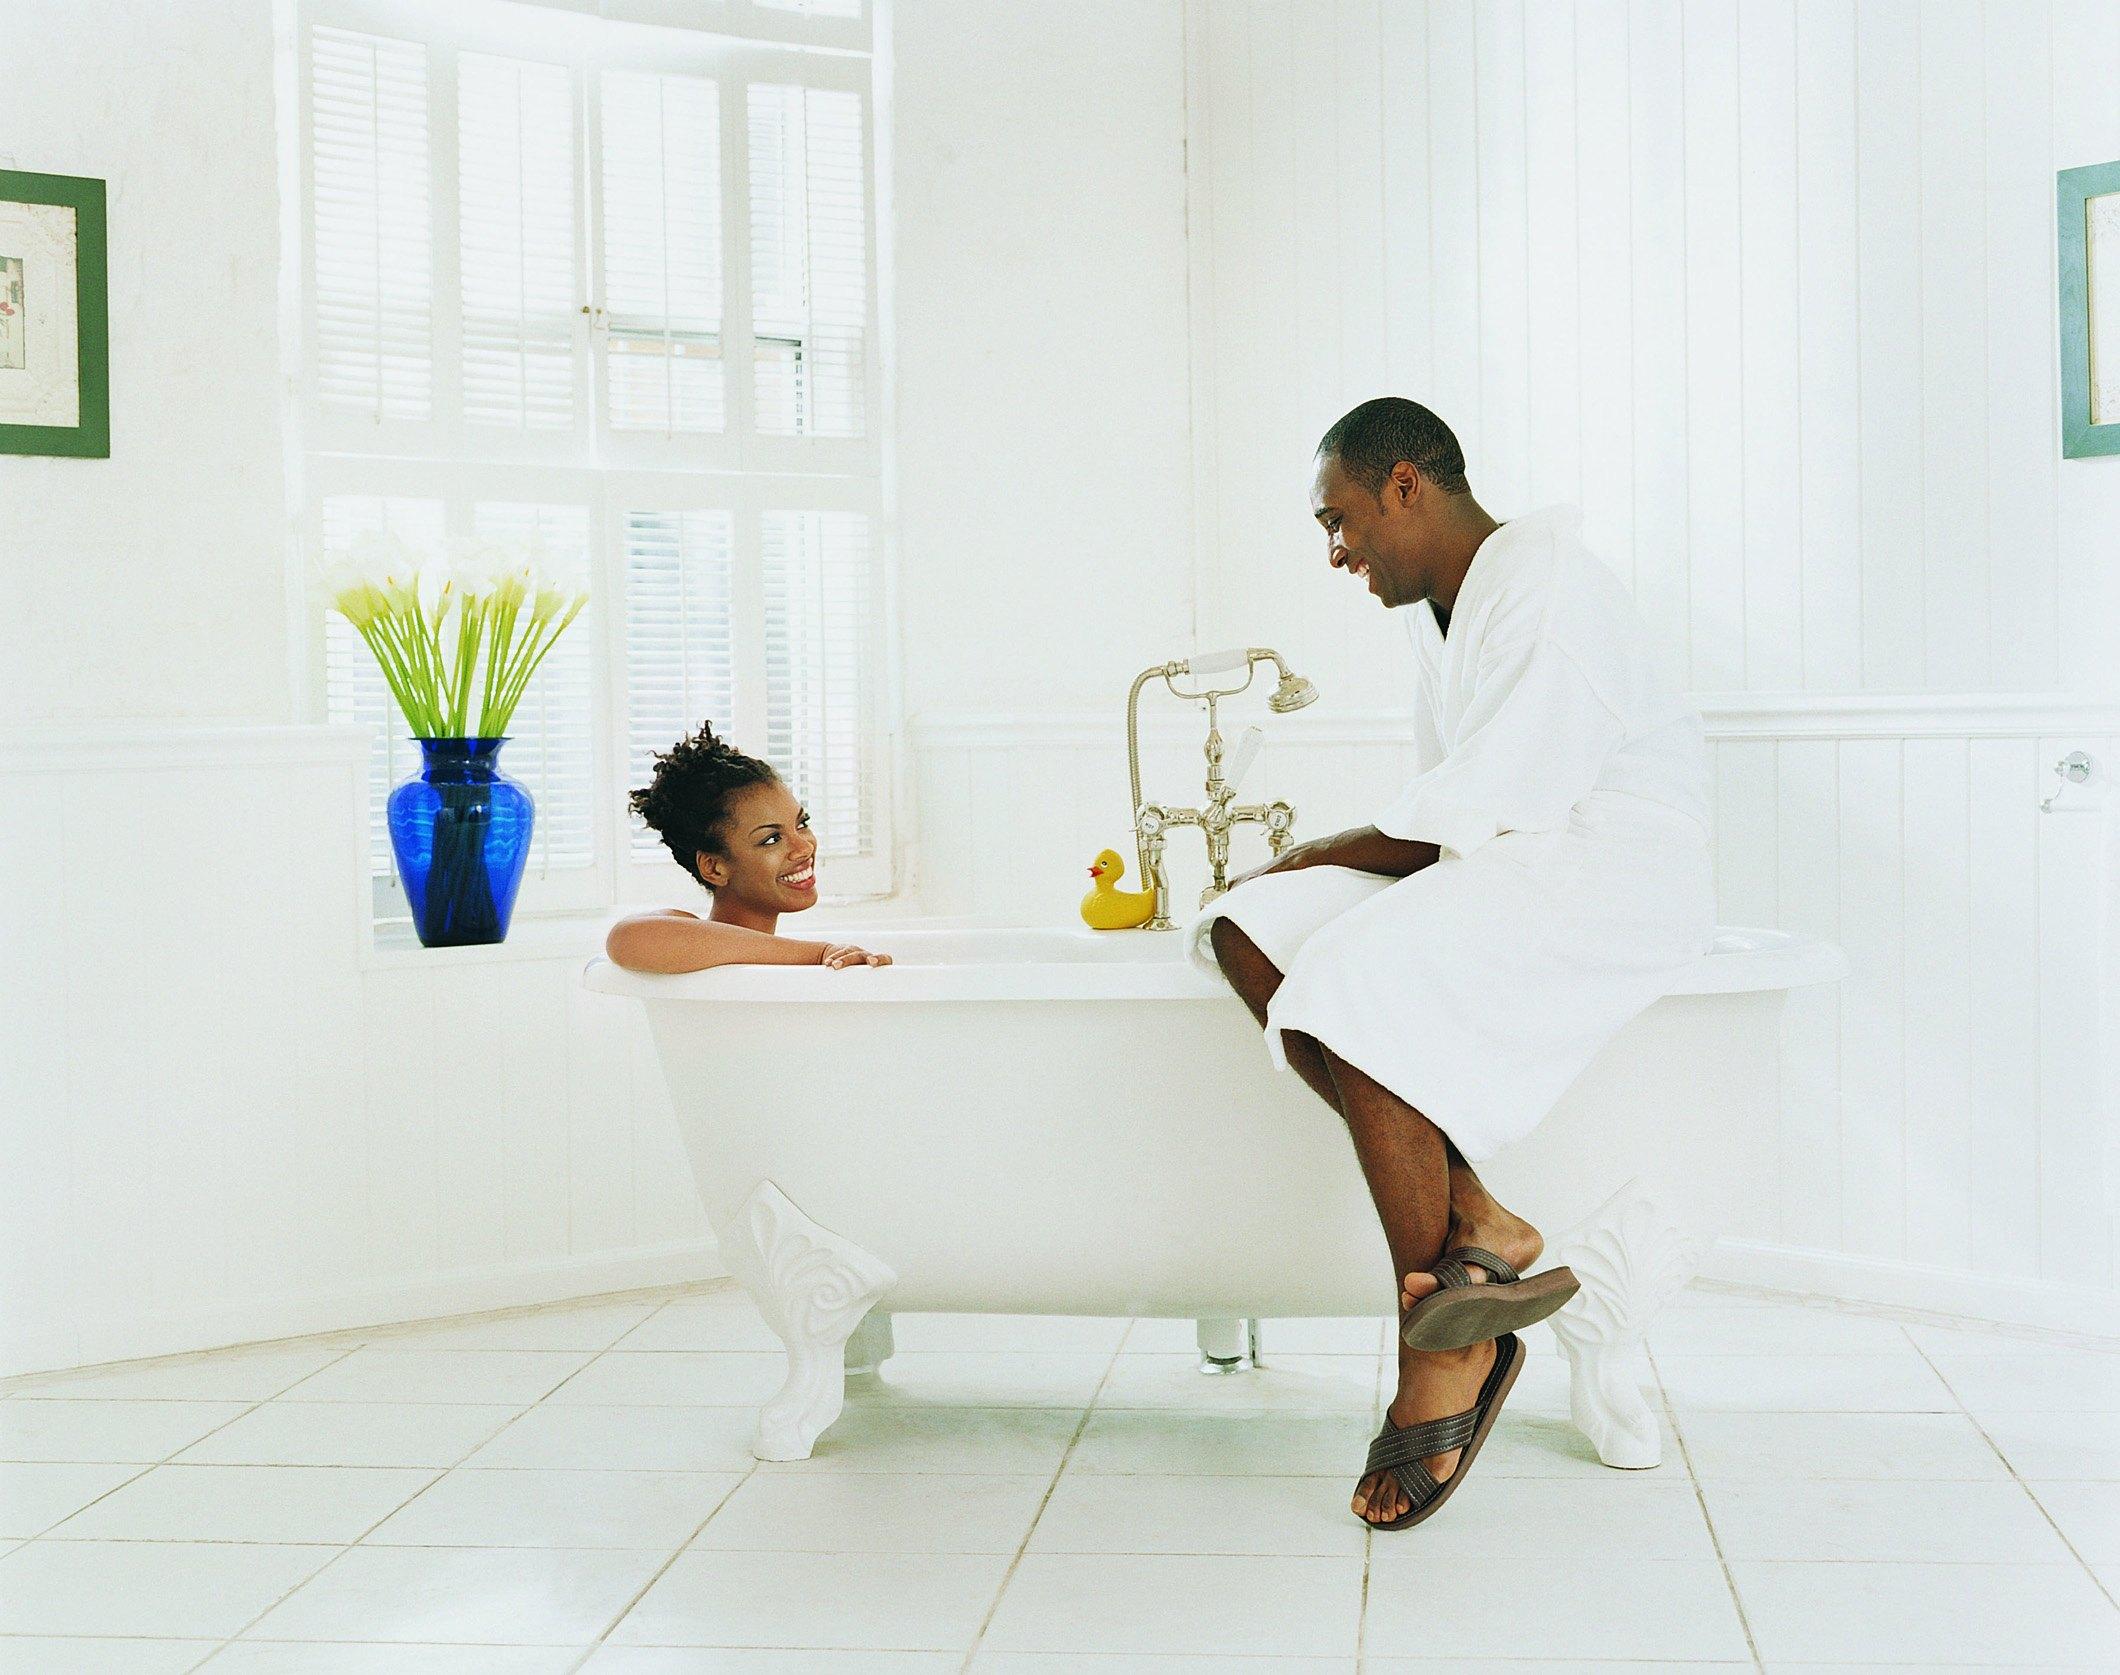 Can You Re-Enamel a Bathtub? | eHow